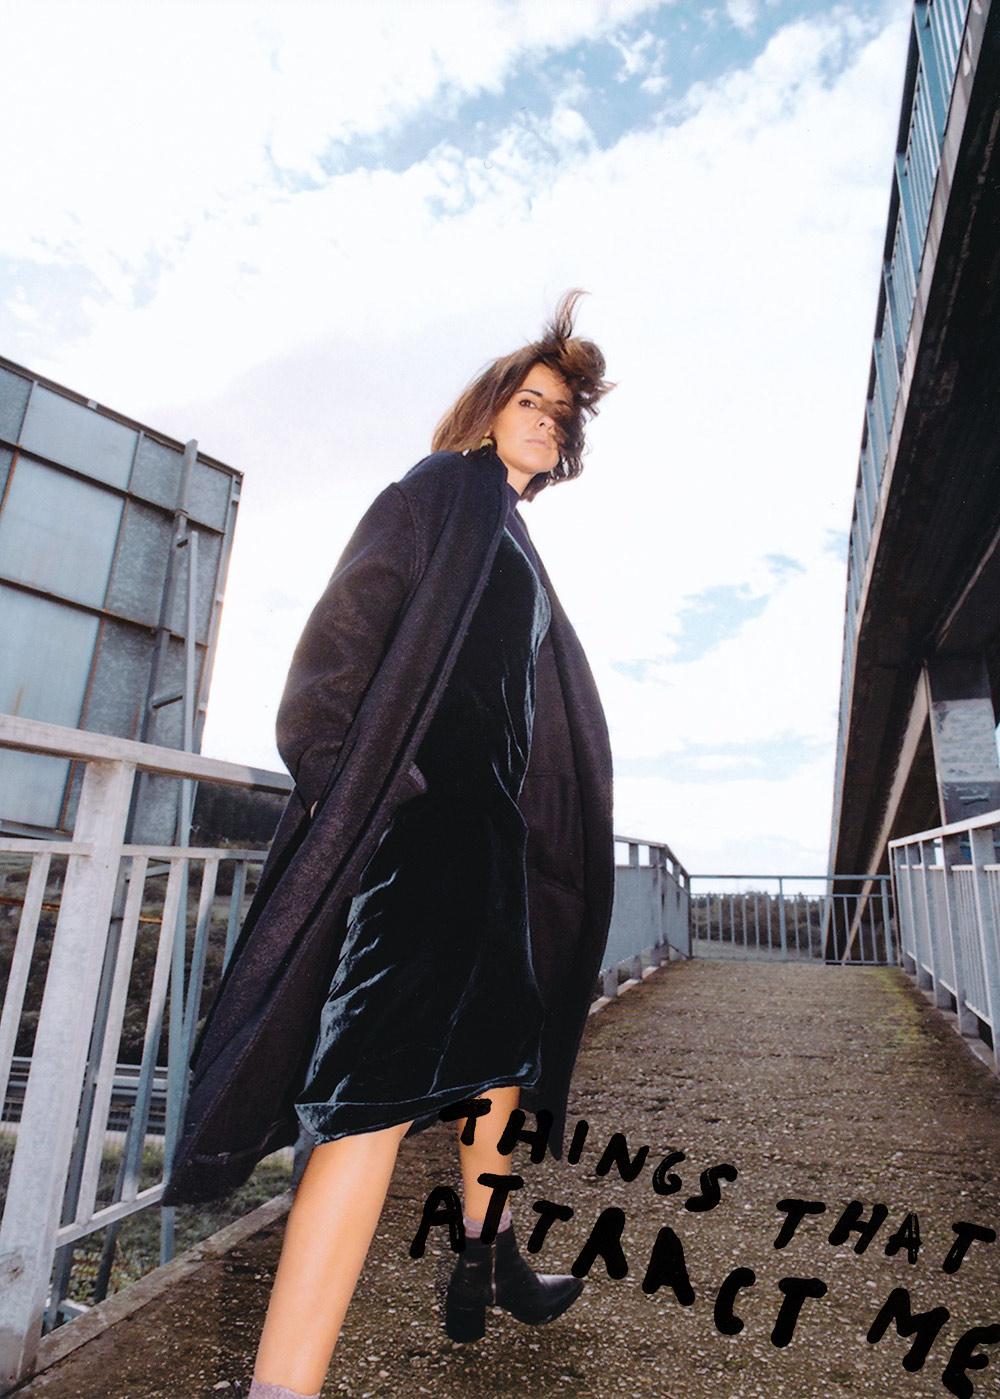 The Petticoat - Fashion Editorial - Artist Series no1 -2